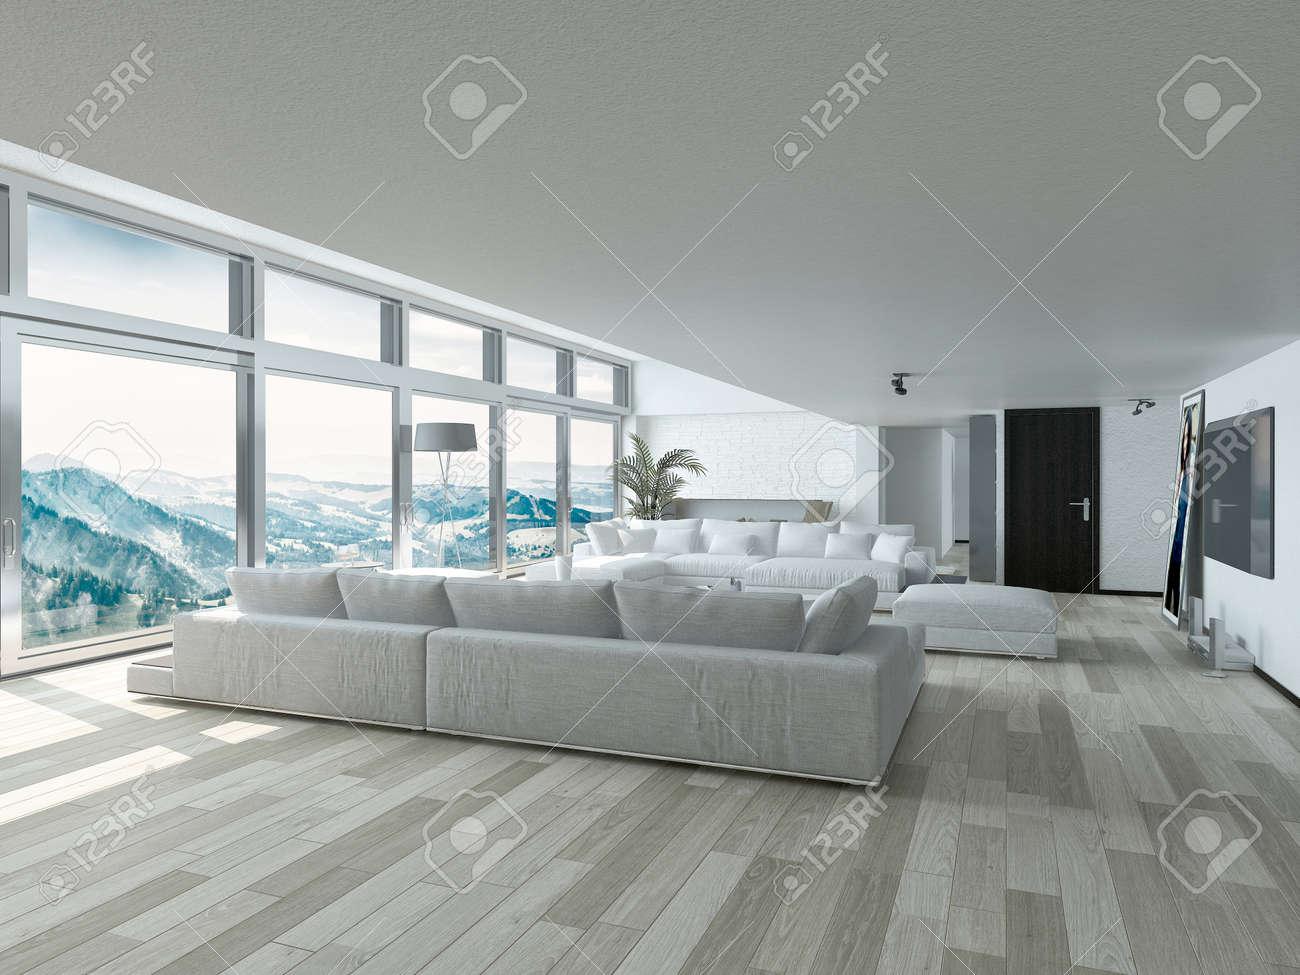 Moderne Wohnzimmer Design Mit Eleganten Weißen Couches Und Tabelle,  Innenarchitekturhaus Mit Glasfenstern Stil Standard